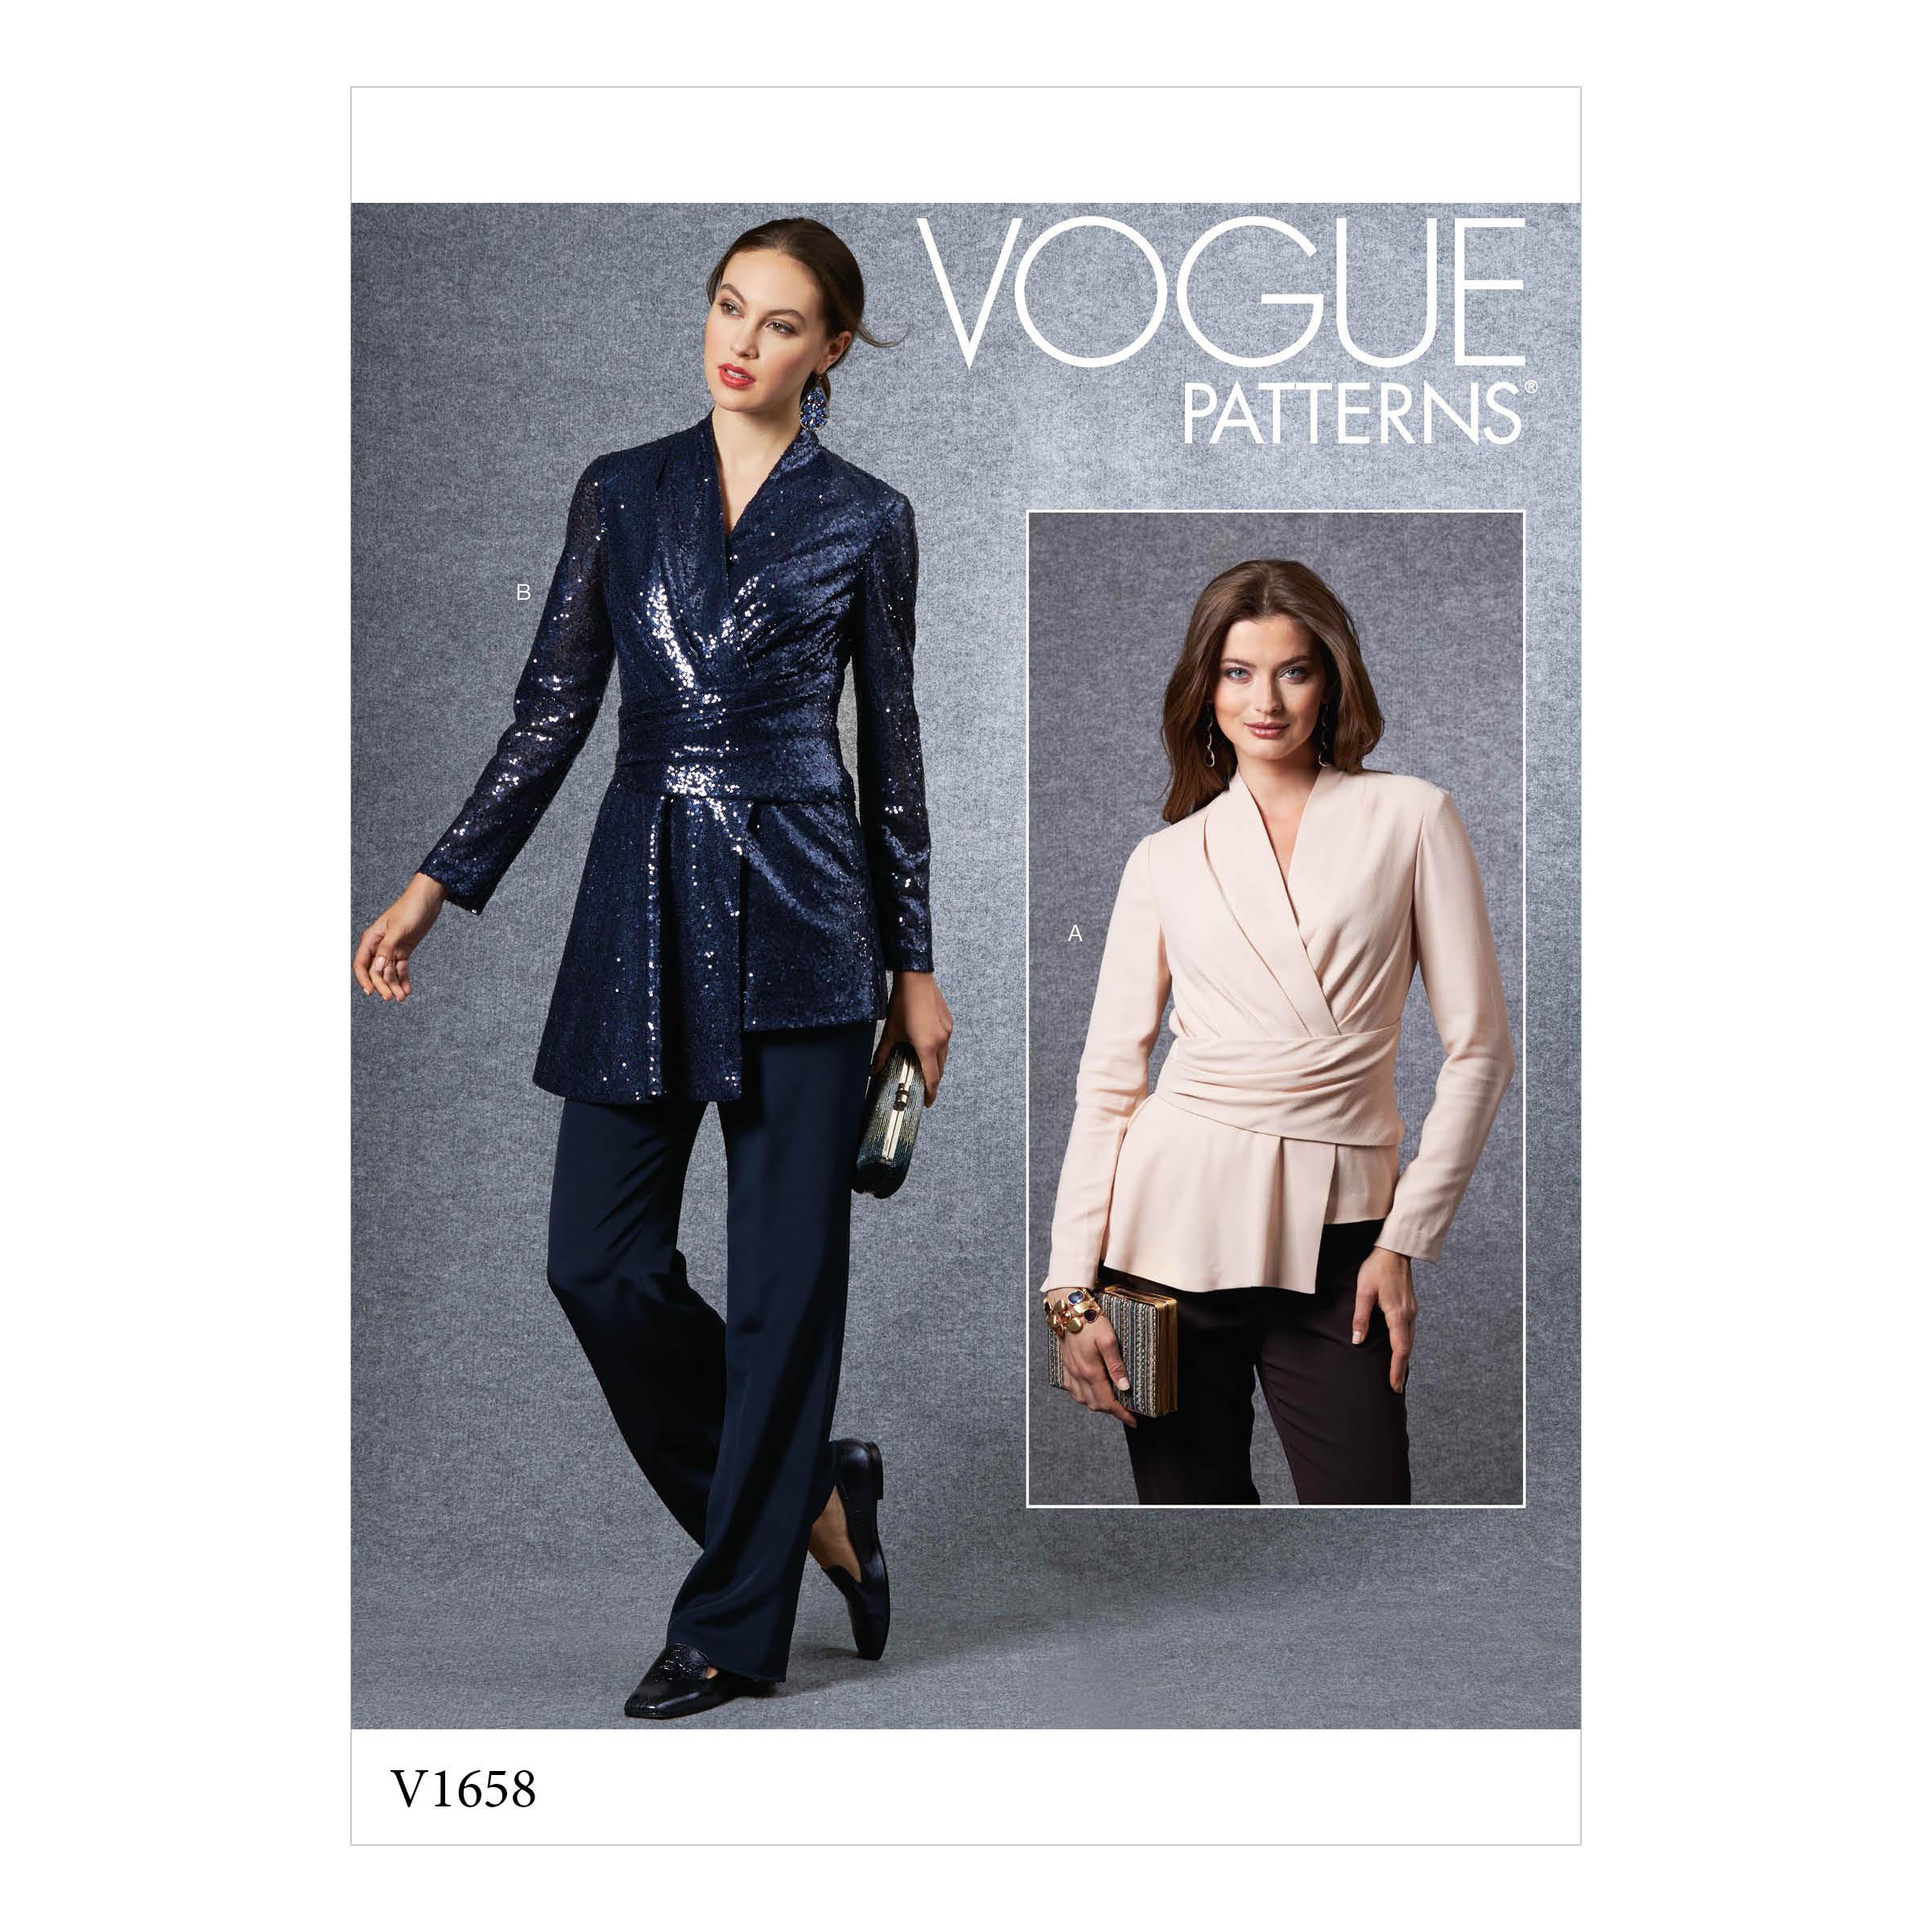 Vogue Patterns 12 MISSES' TOP